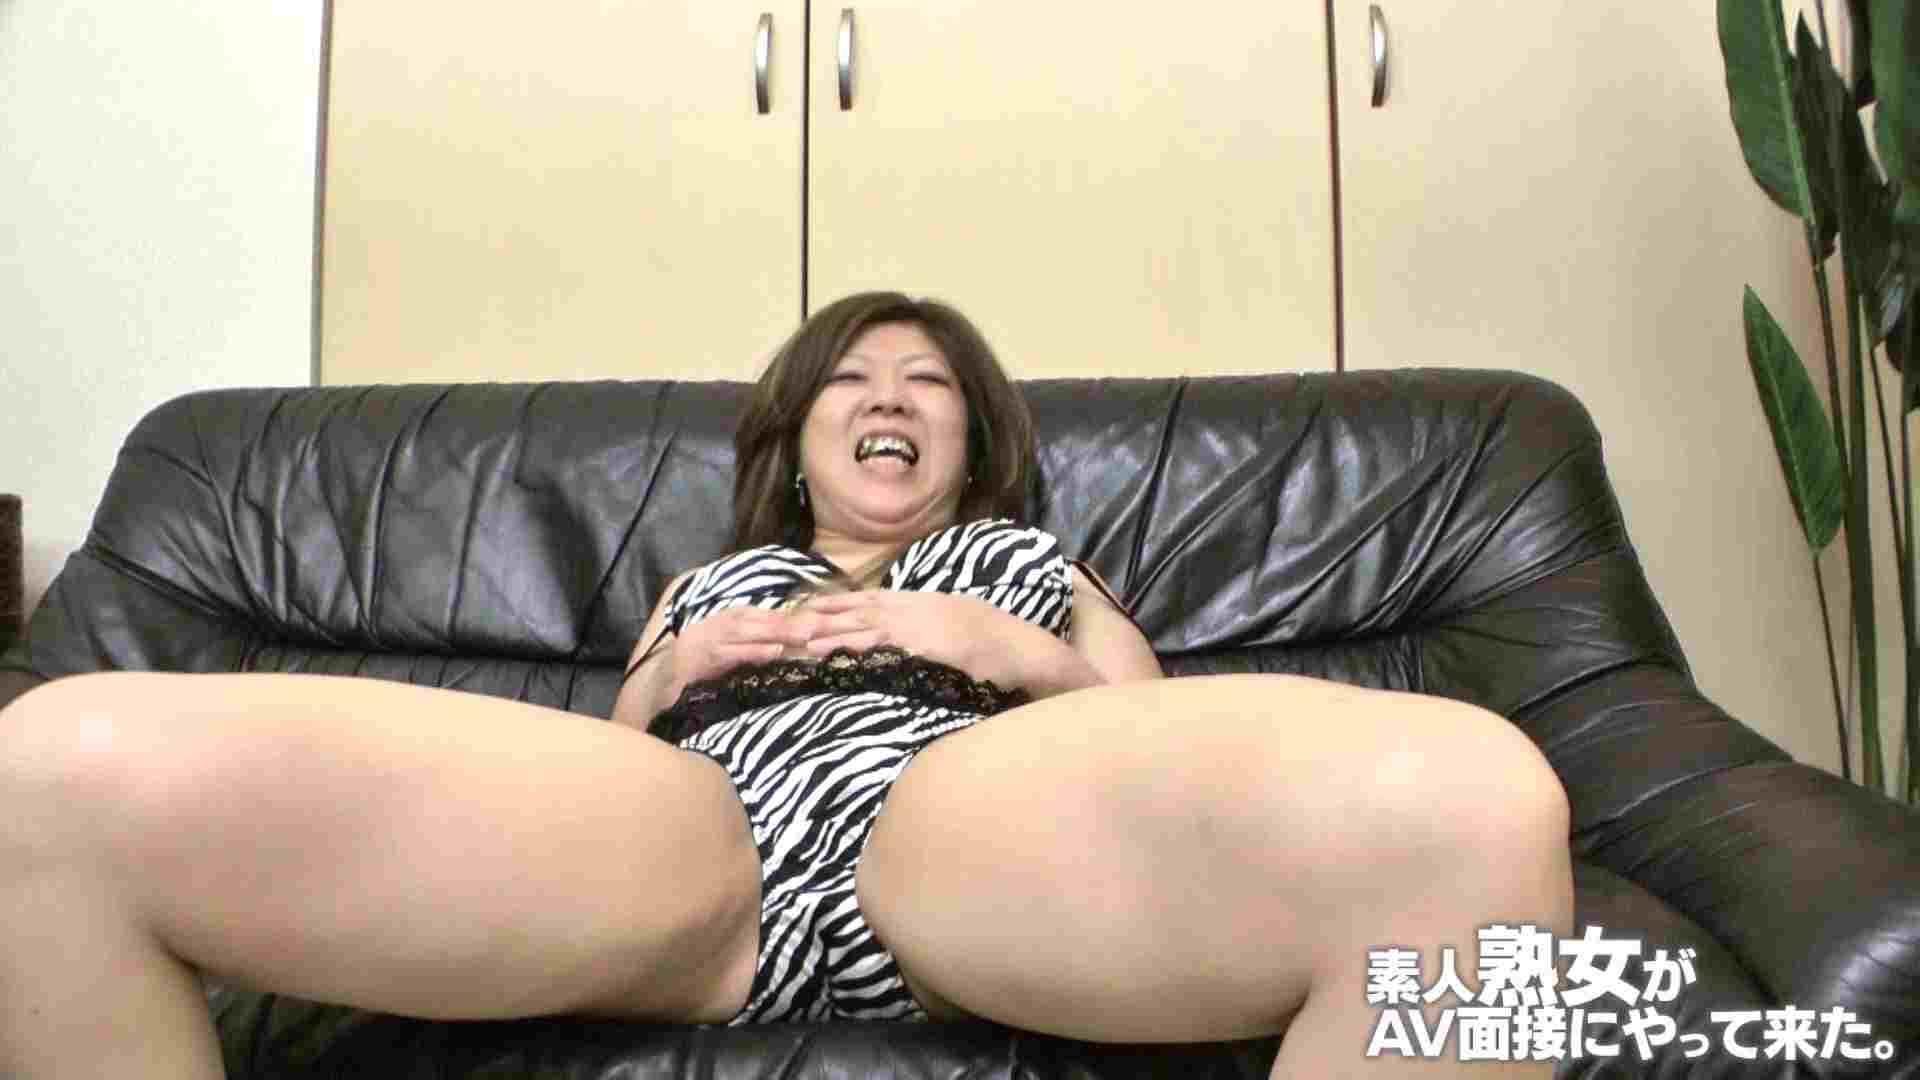 素人熟女がAV面接にやってきた (仮名)ゆかさんVOL.03 熟女のエロ生活 セックス無修正動画無料 58連発 40